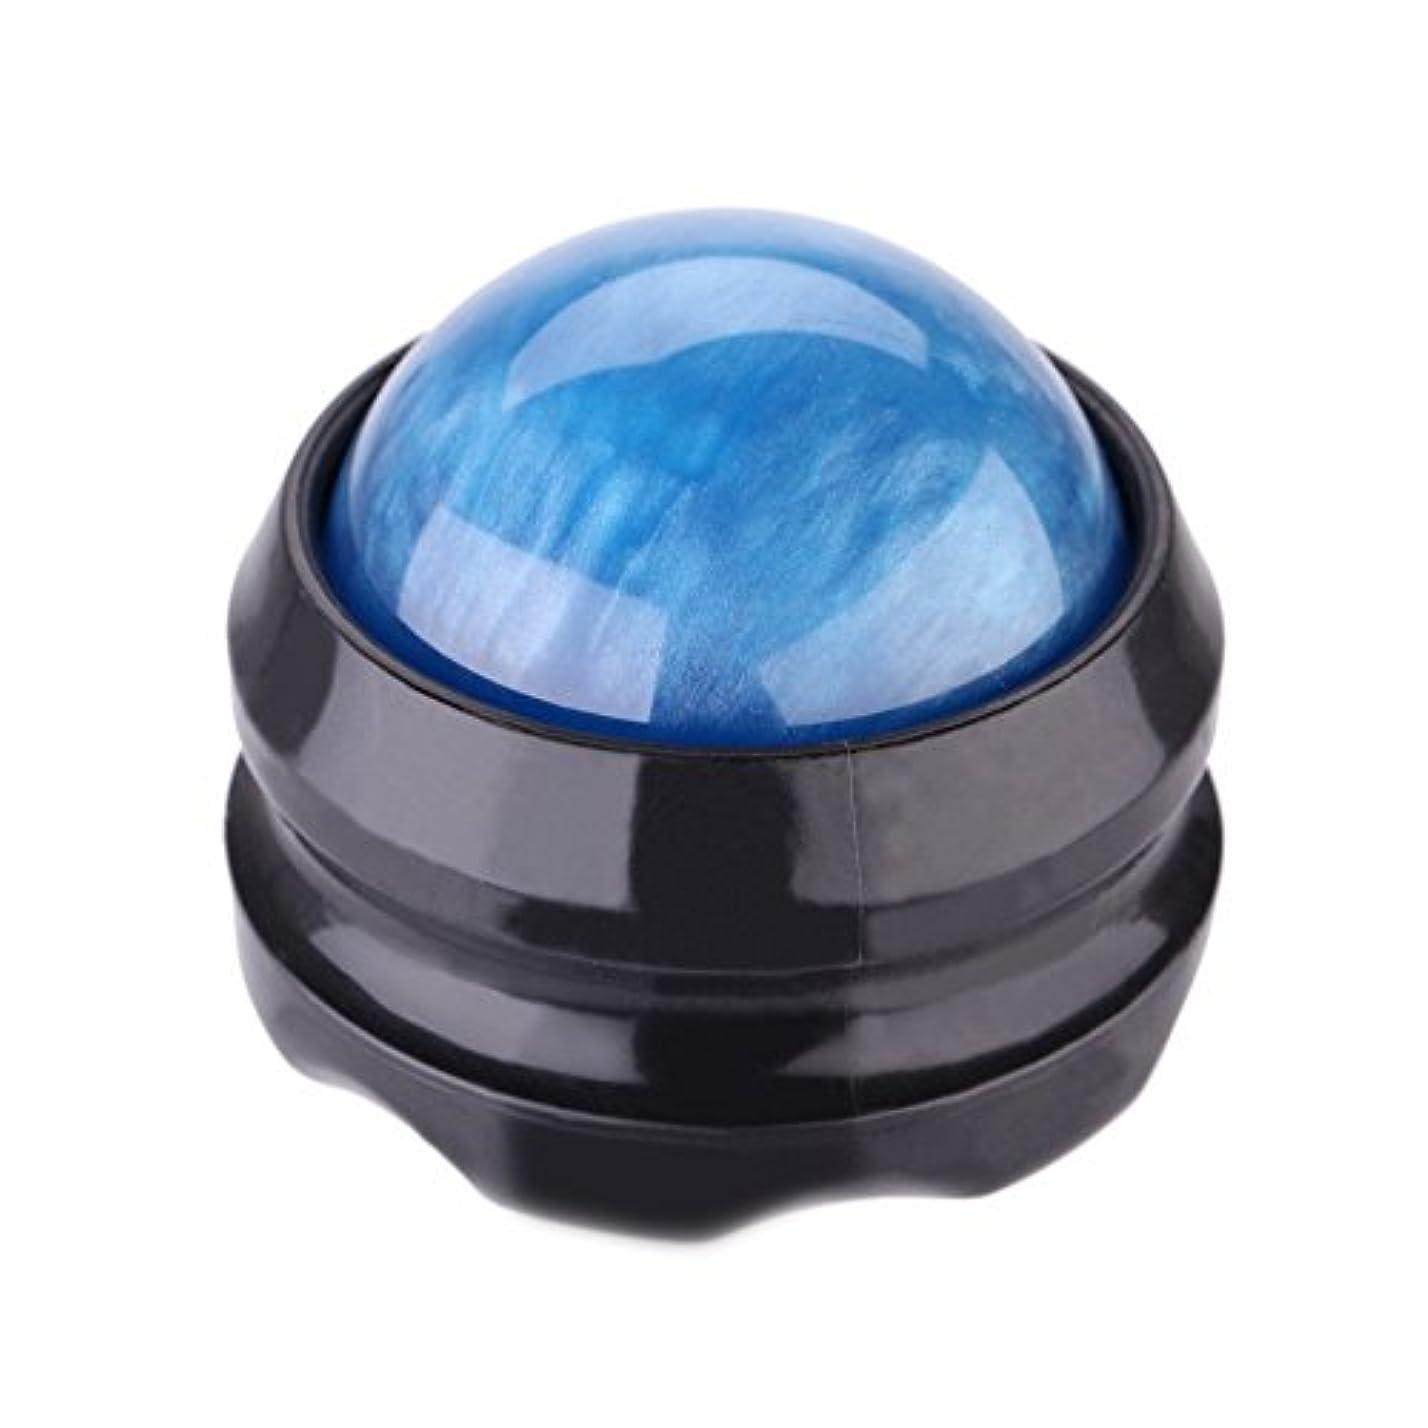 インスタンスピルファーブルgundoop マッサージ ボール 360度回転 背中 首 腰 筋膜リリース 健康器具 (青)